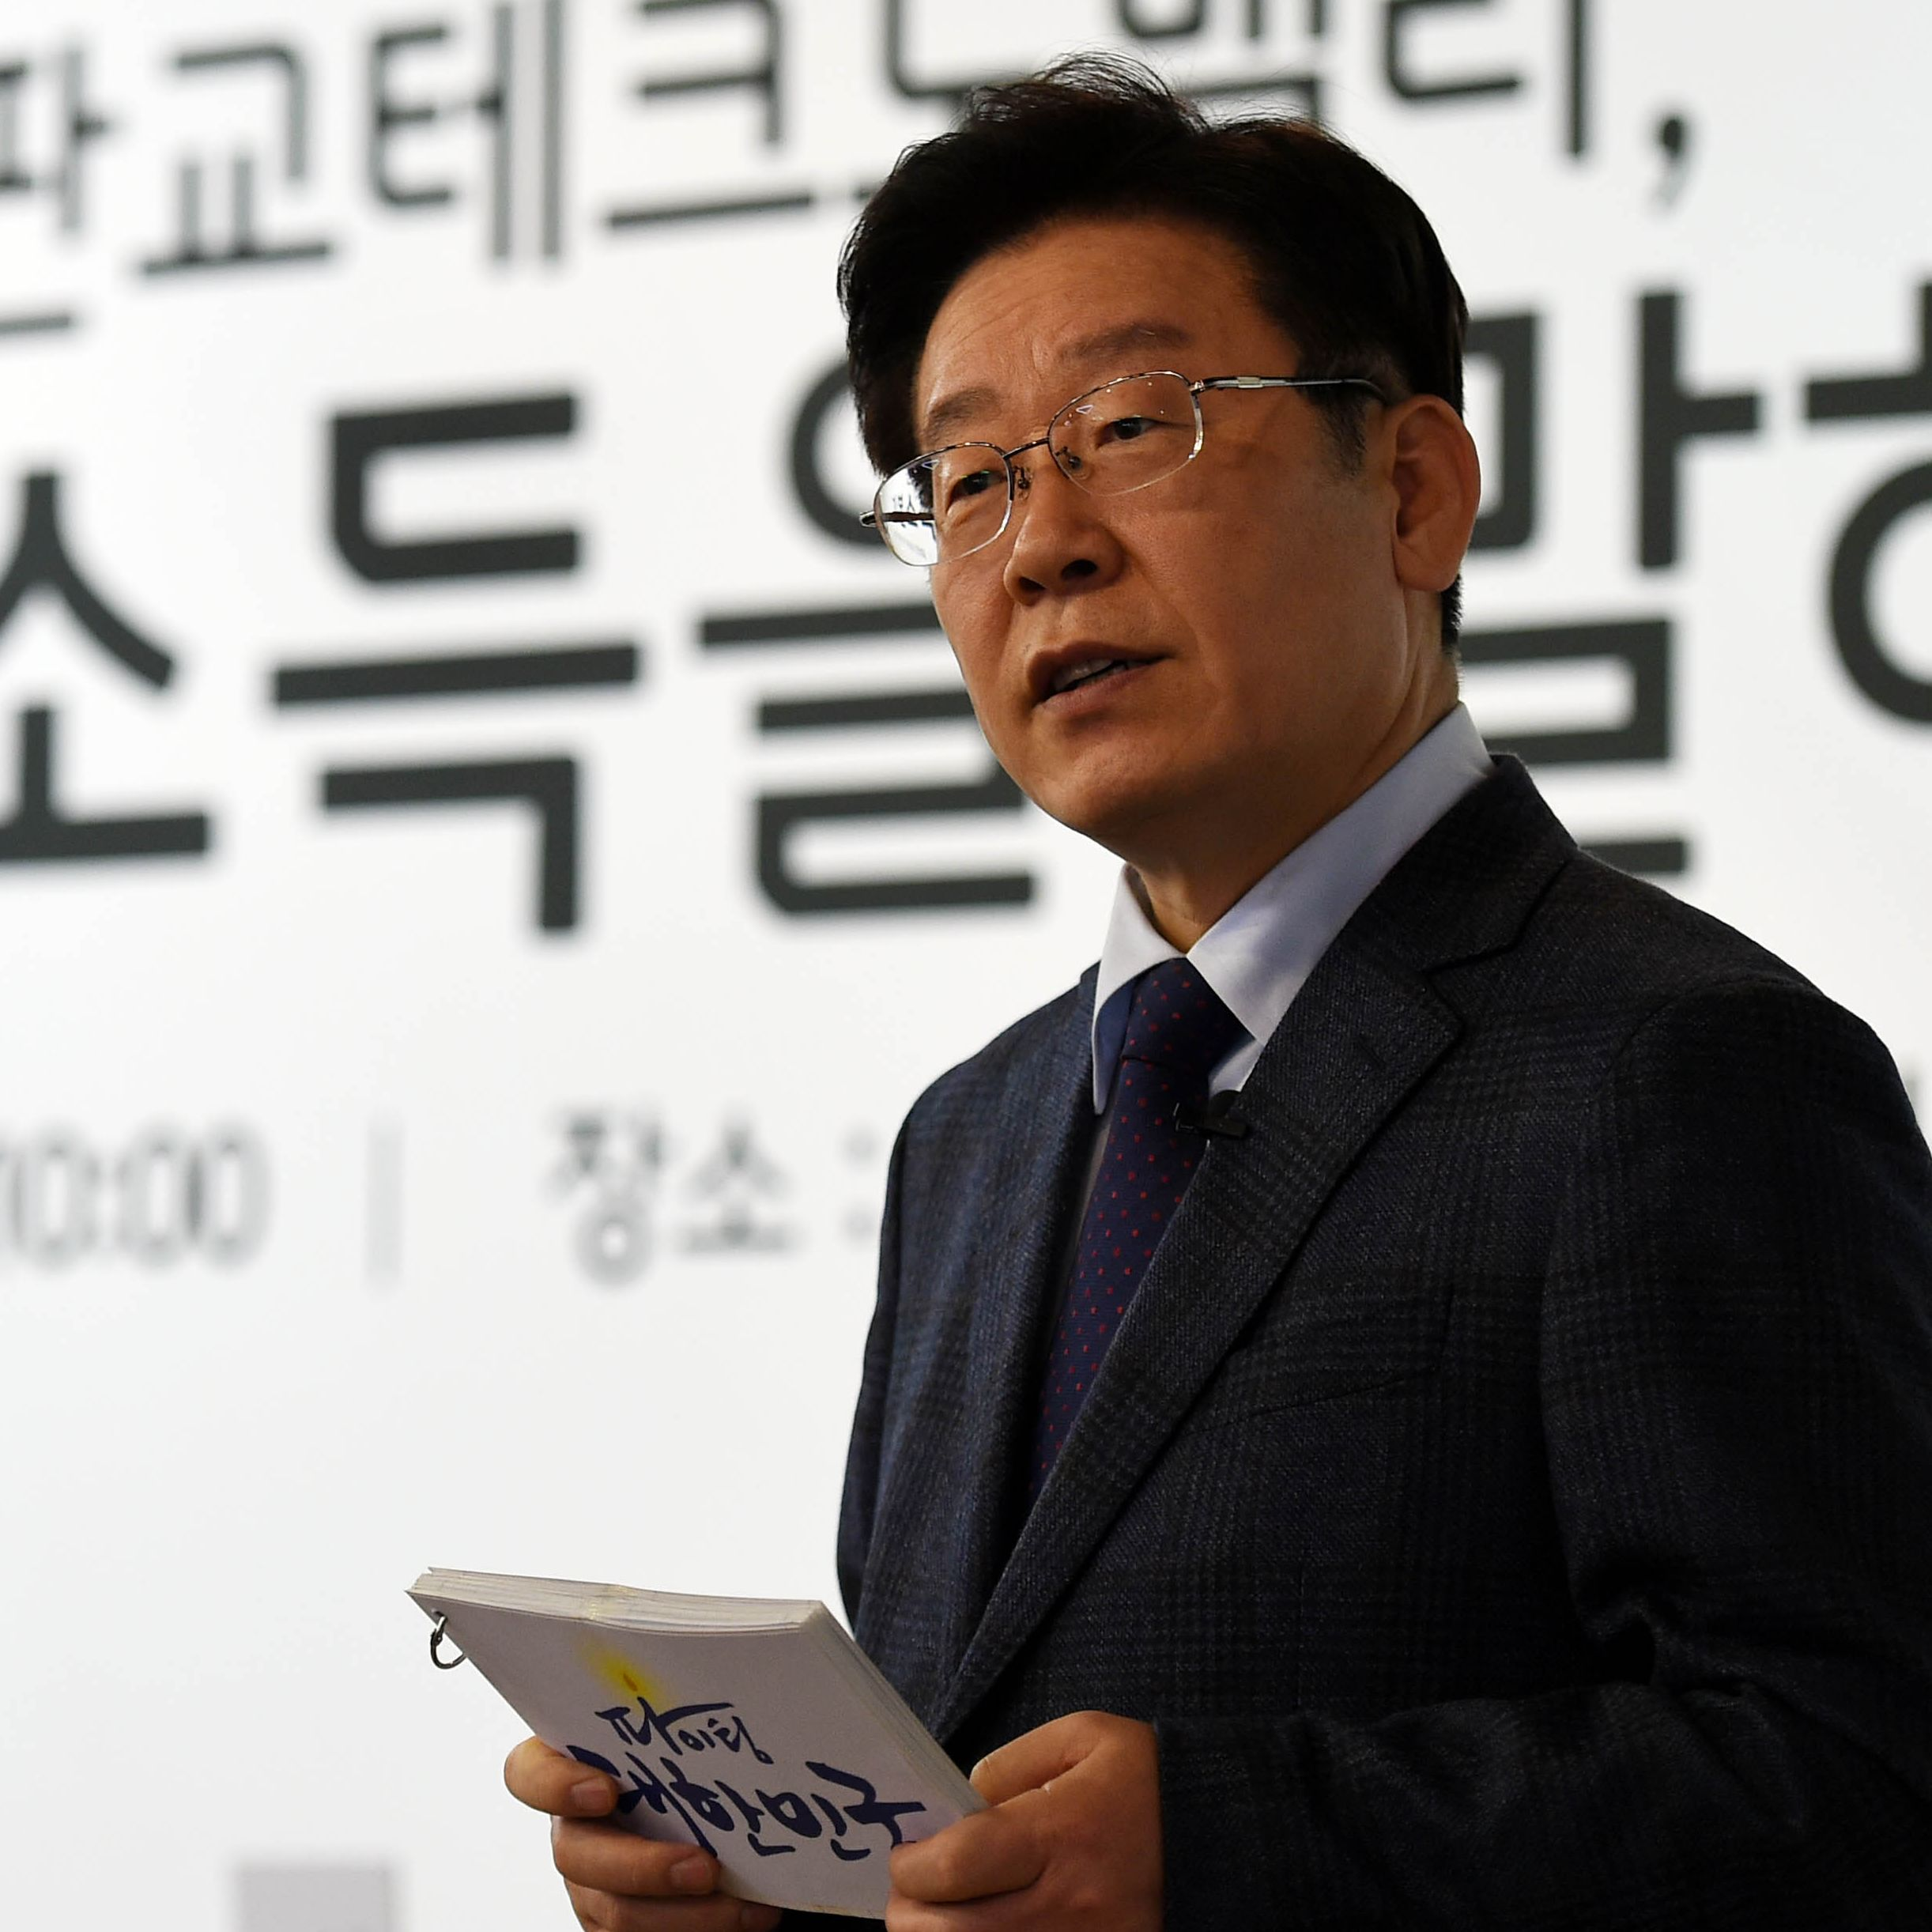 이재명 성남시장이 18일 오전 성남 판교 경기창조경제혁신센터에서 열린 '판교테크노밸리, 기본소득을 말하다' 토크콘서트에서 강연을 하고 있다. [뉴시스]